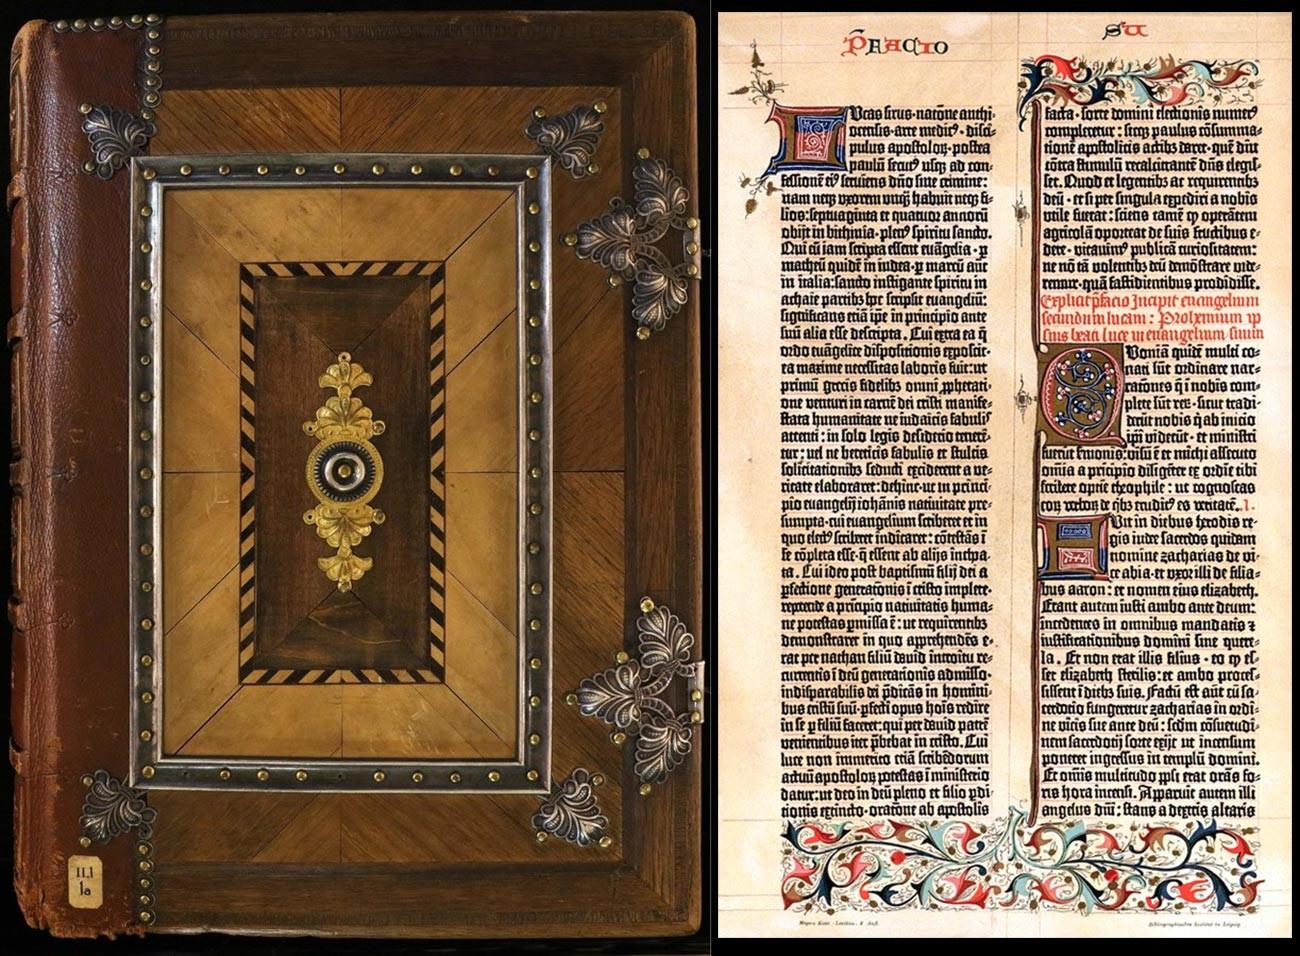 Библия Гутенберга, экземпляр РГБ